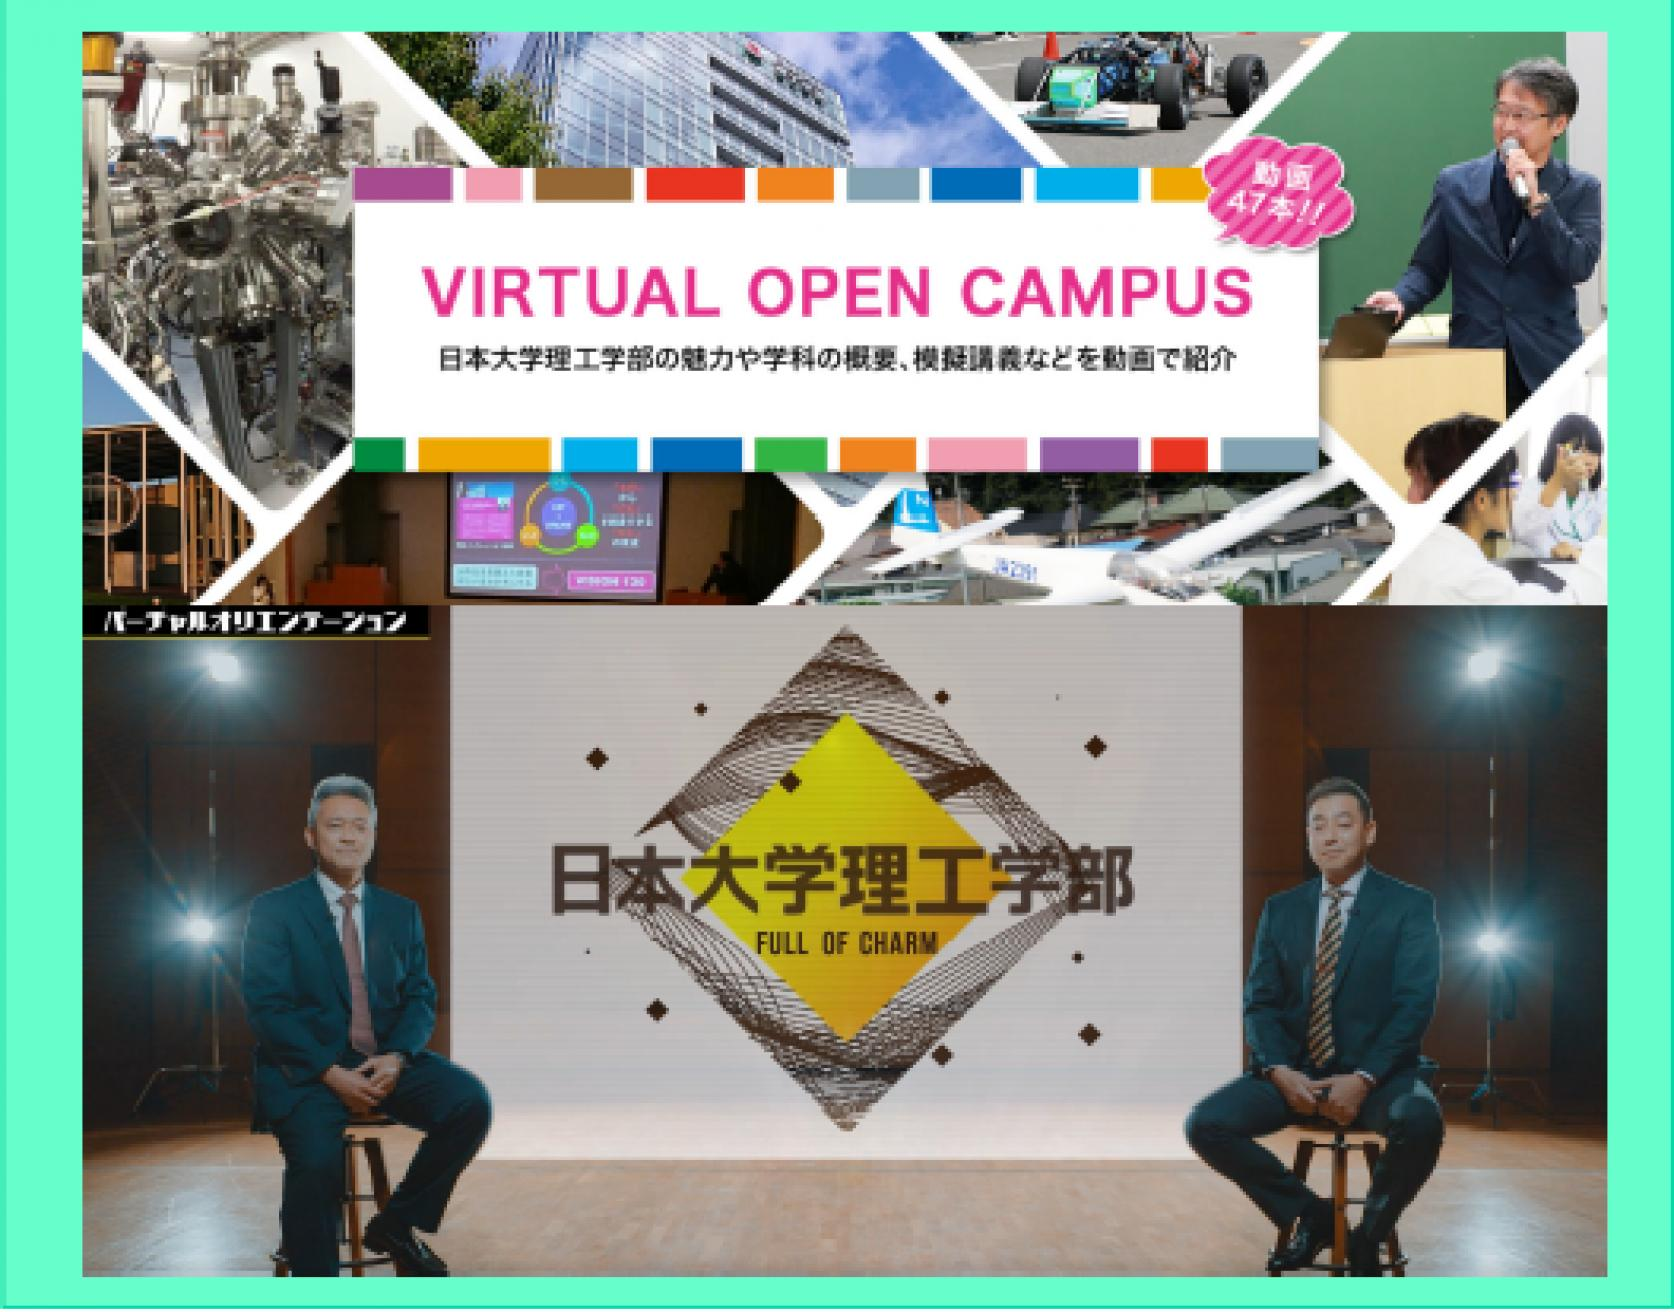 バーチャルオープンキャンパス2021特設サイト リニューアルOPEN!